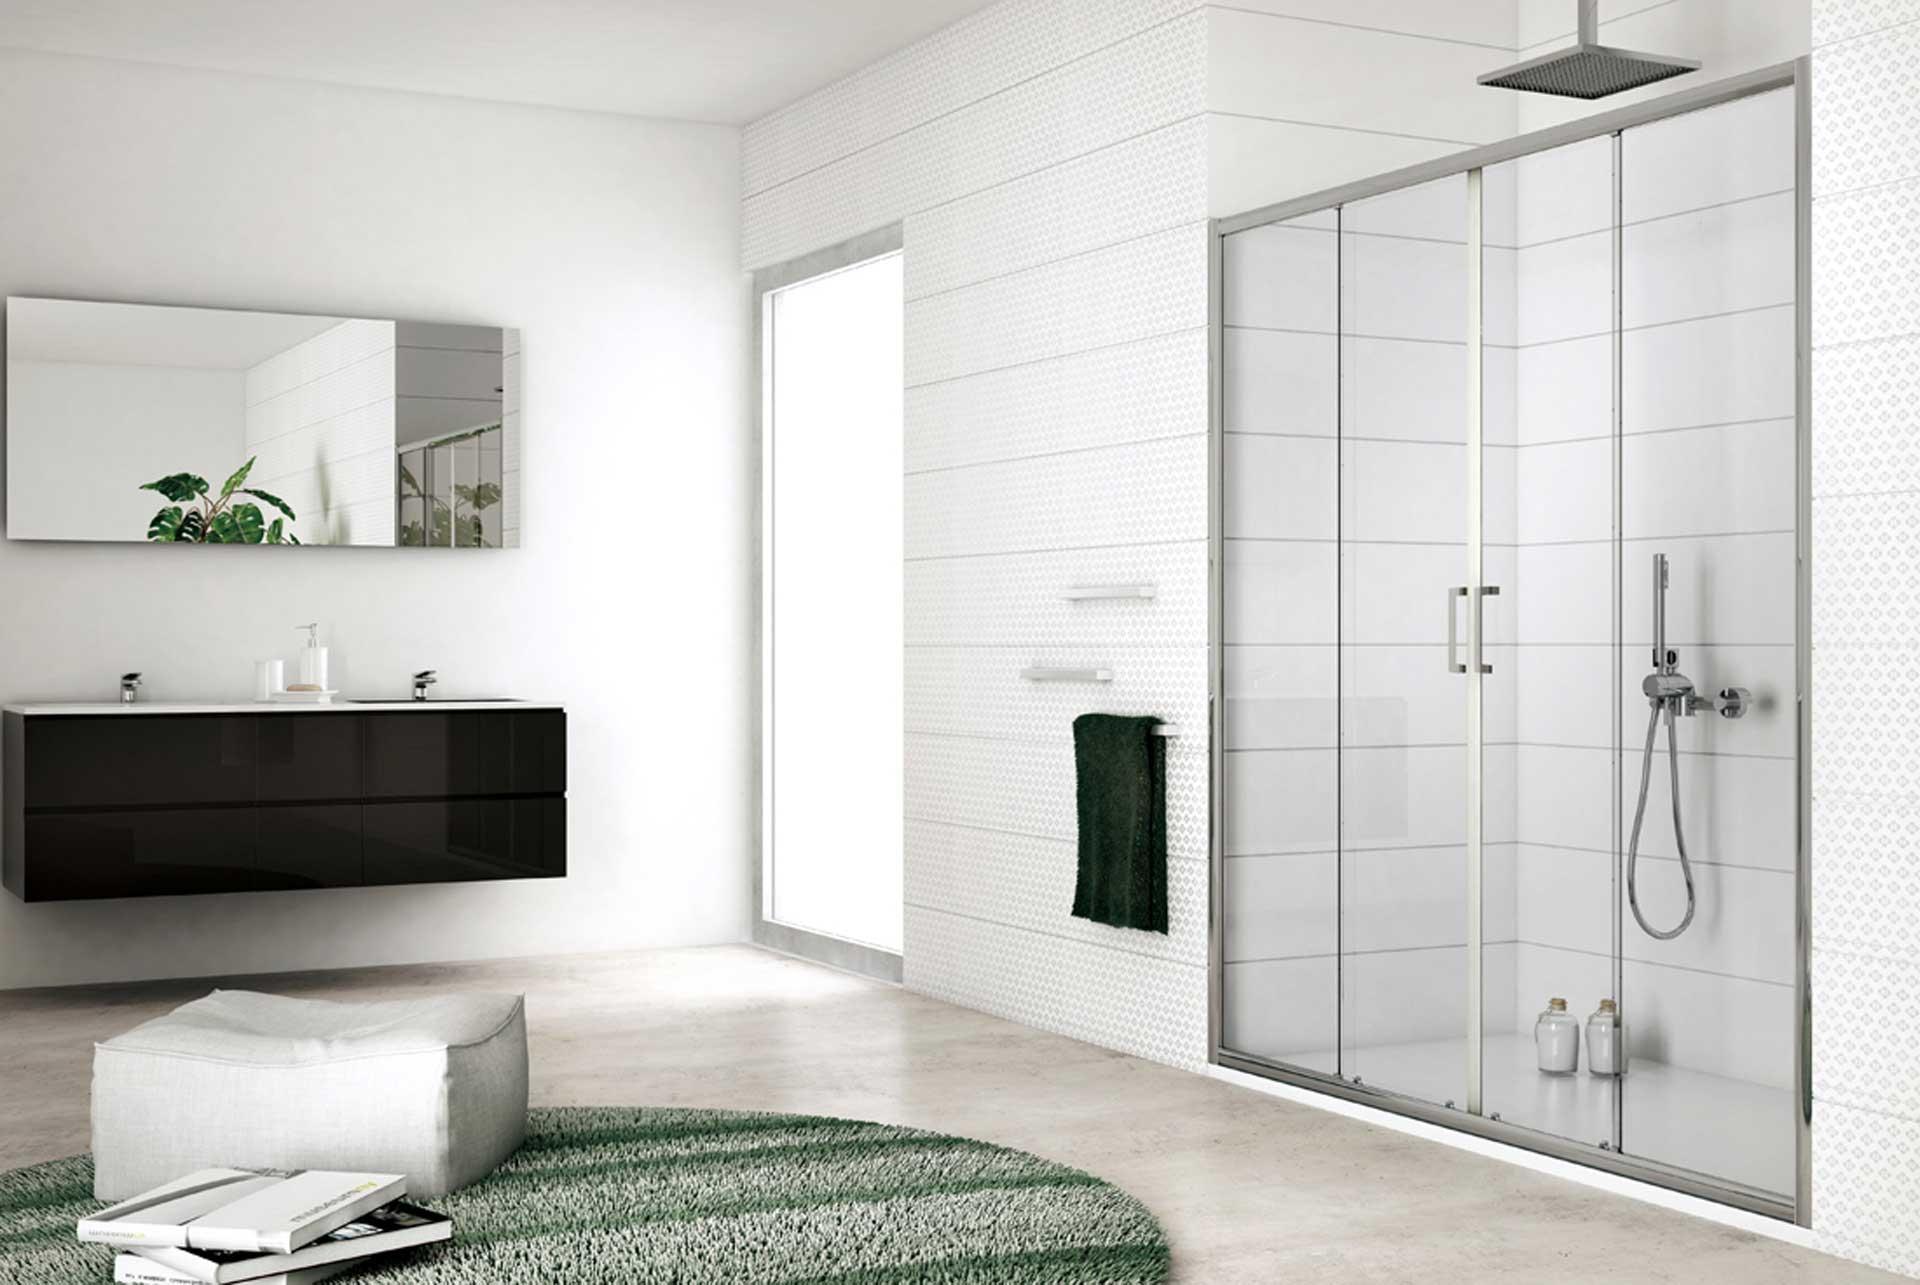 box doccia tda, l'arte di vestire l'acqua - orsolini - Tda Arredo Bagno